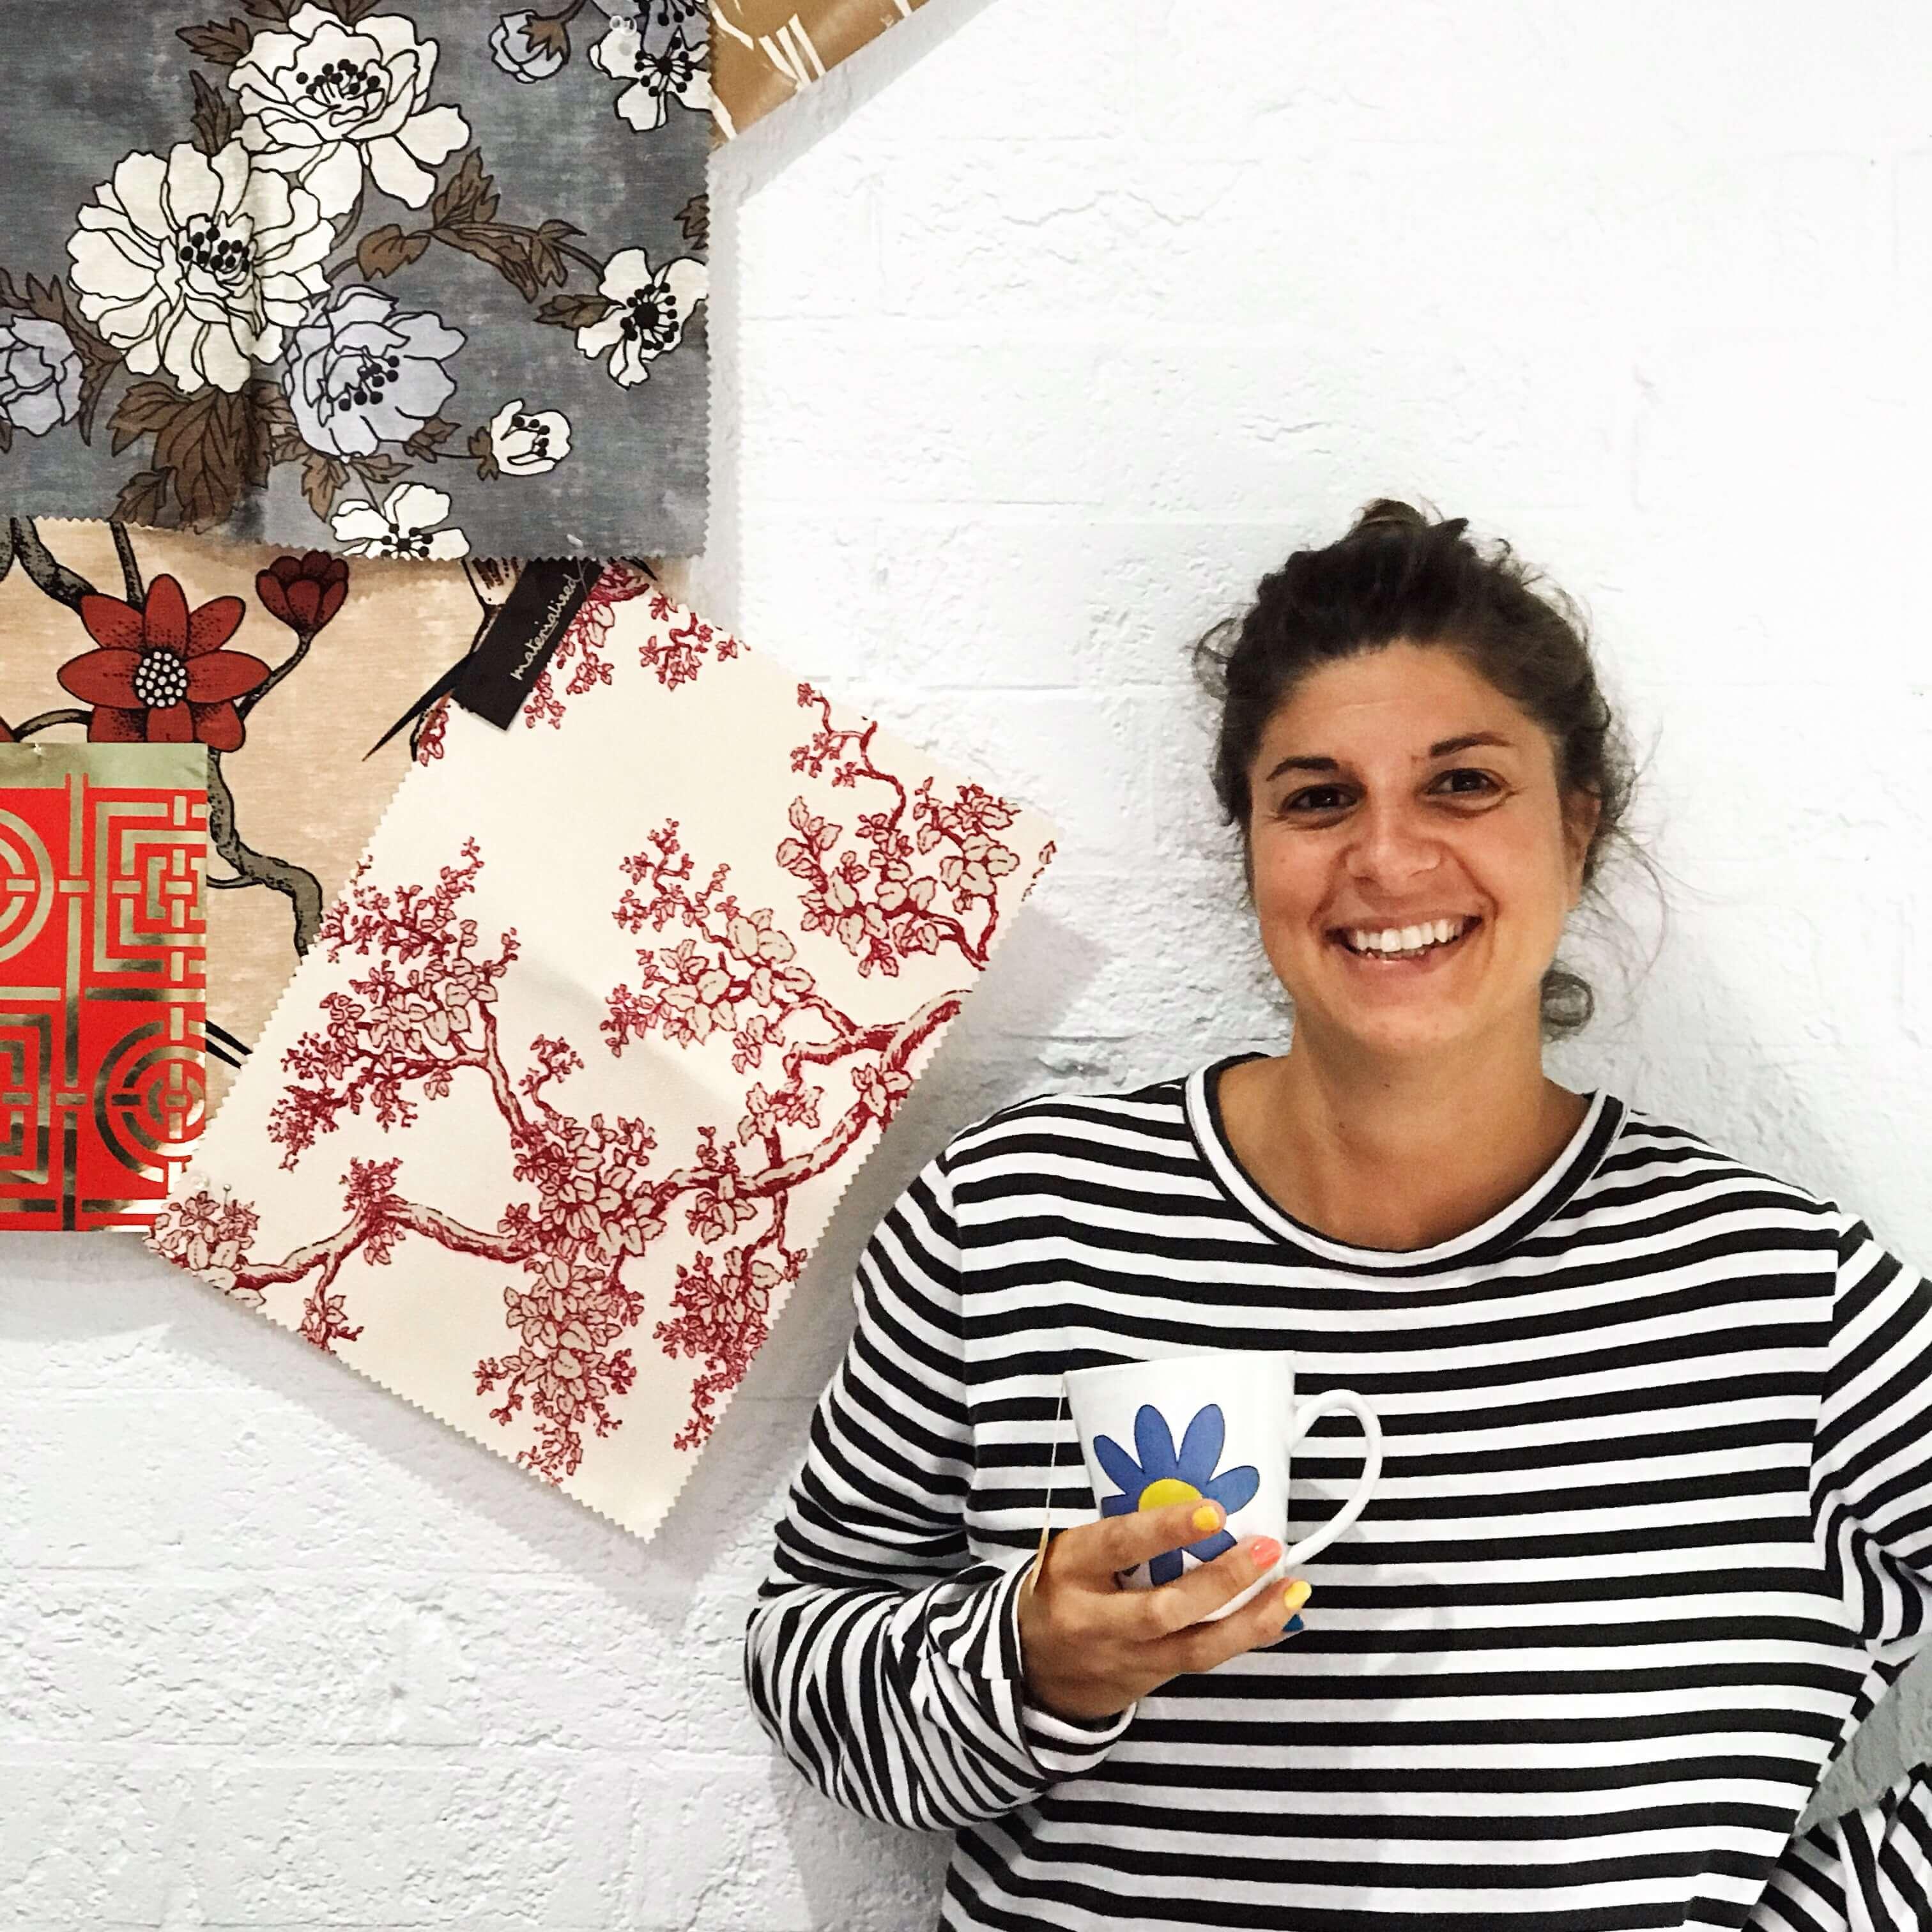 Sara Falavigna, textile designer